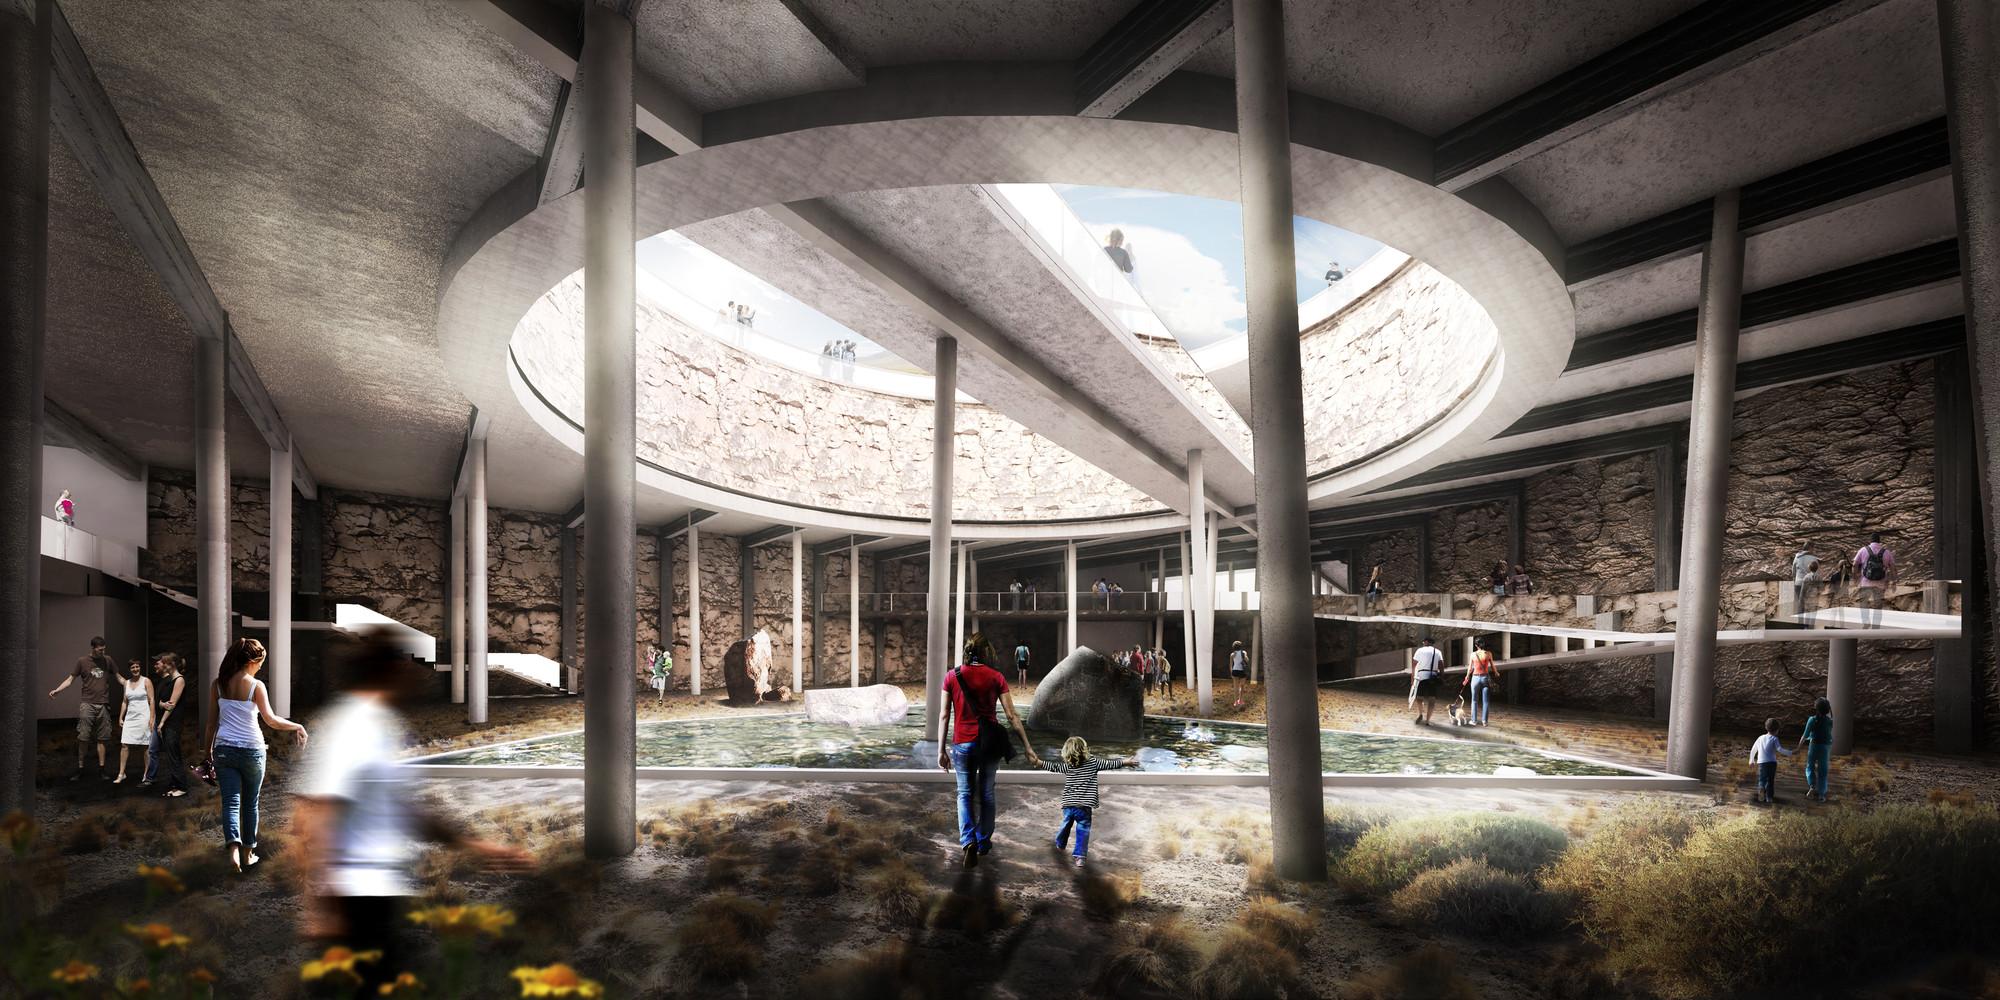 Jardín Botánico de Calama, ganador del primer concurso de arquitectura subterránea en Chile, Jardín Botánico de Calama, primer lugar en CTES 2014. Image Cortesia de Leonardo Quinteros y Luis Pérez